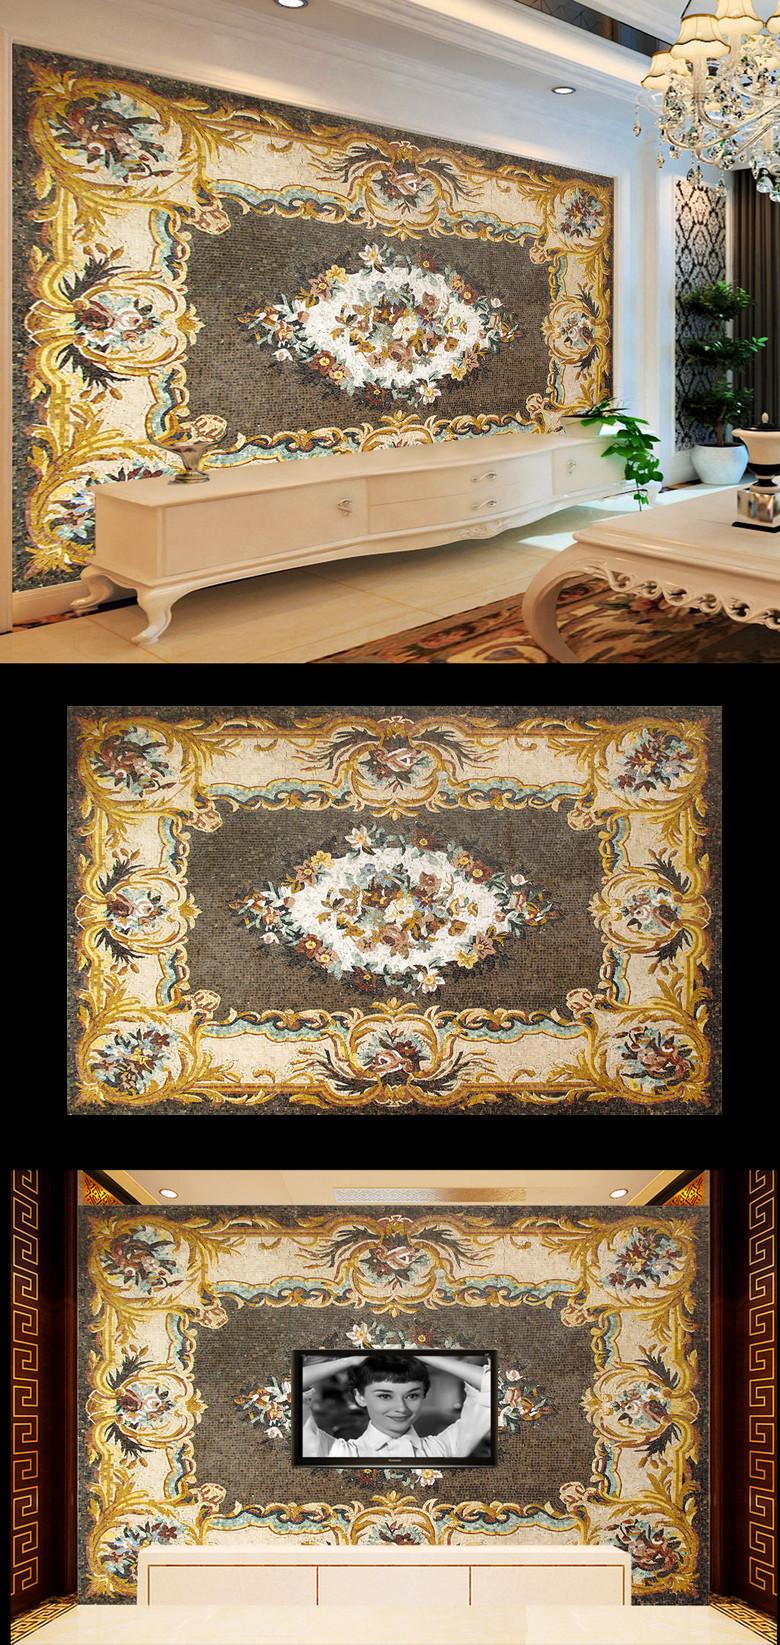 豪华欧式客厅电视背景墙玉石拼花马赛克壁画